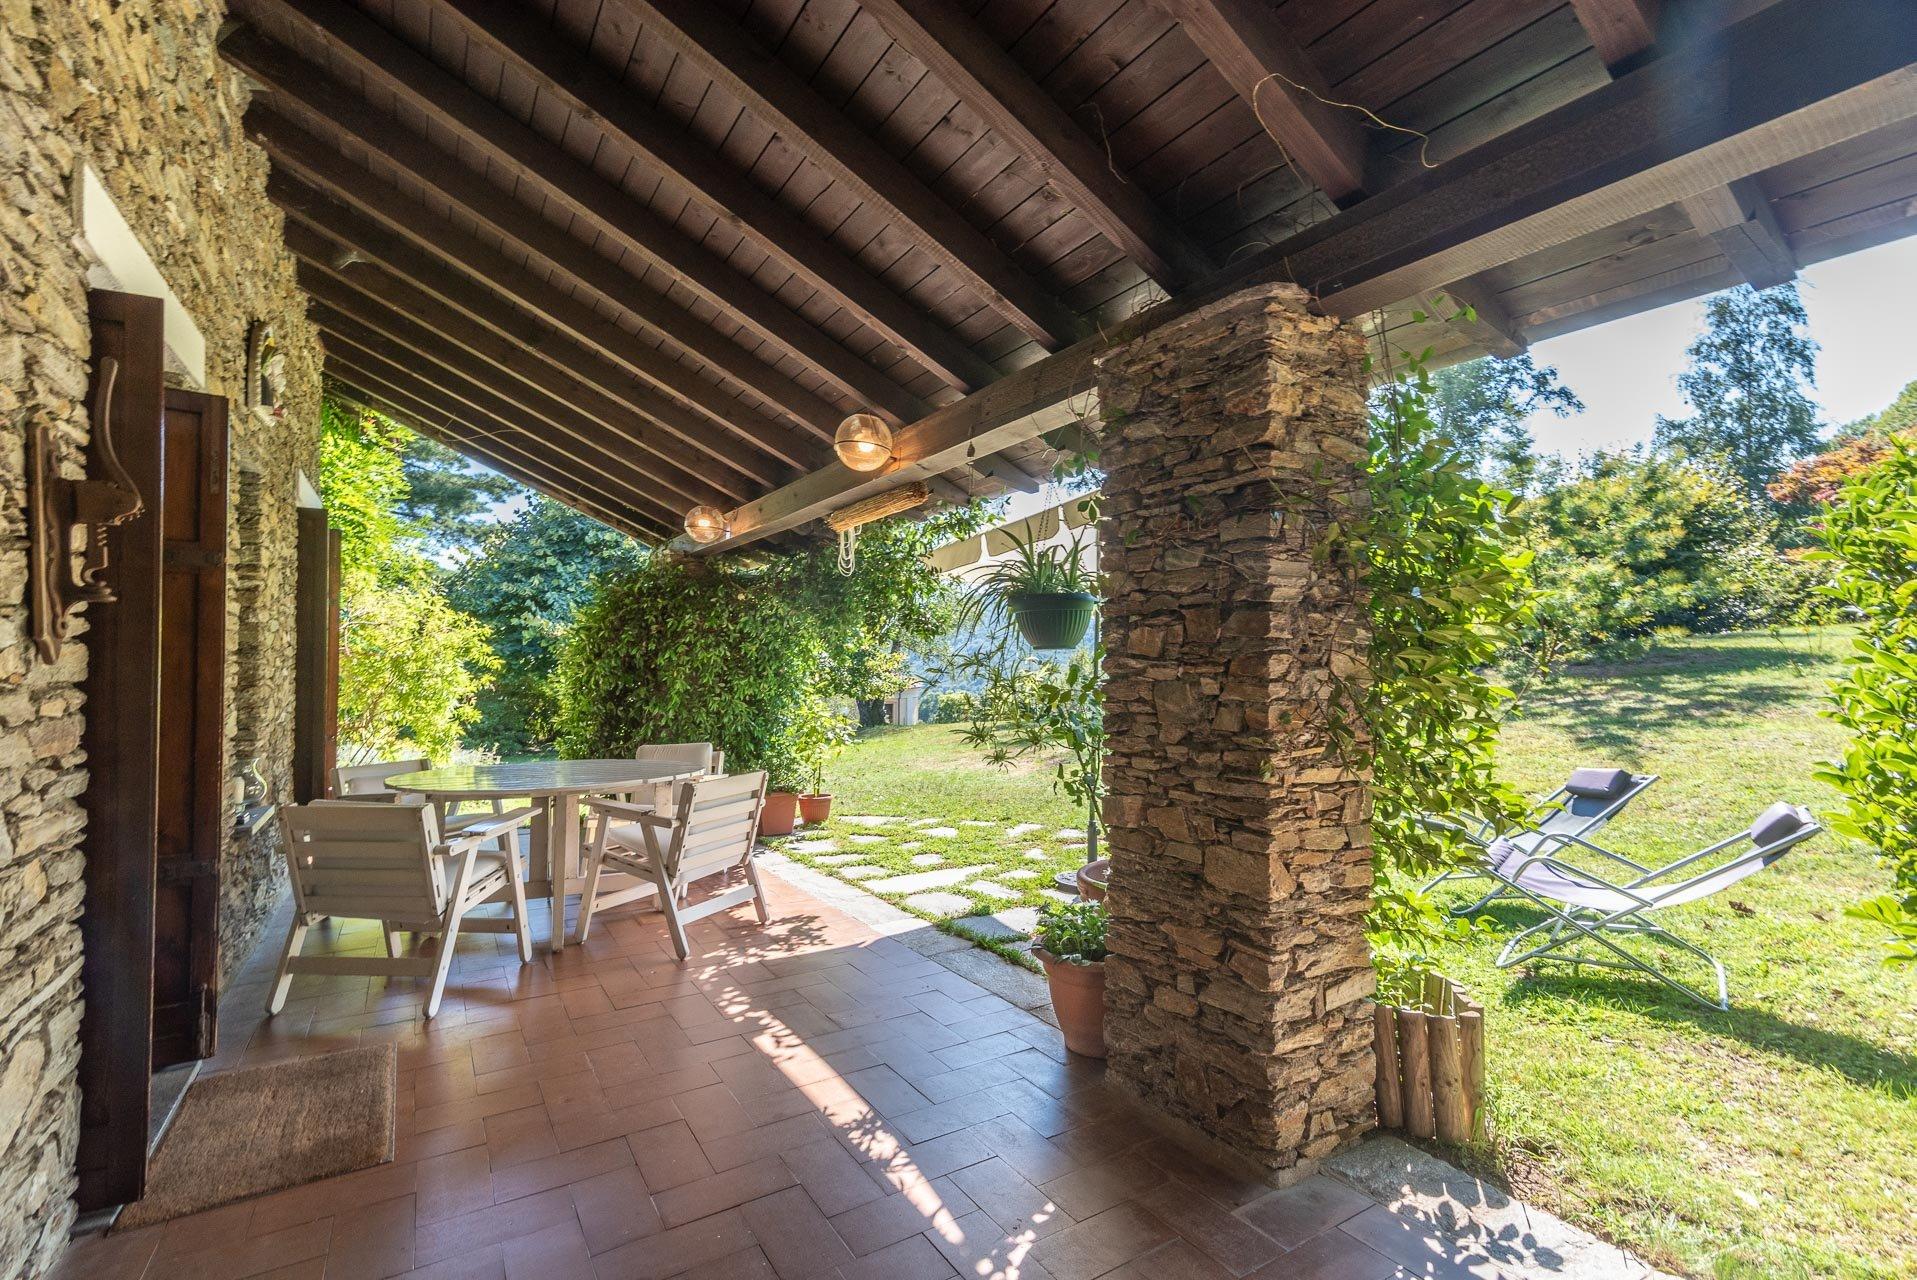 Villa con piscina in vendita a Gignese - portico